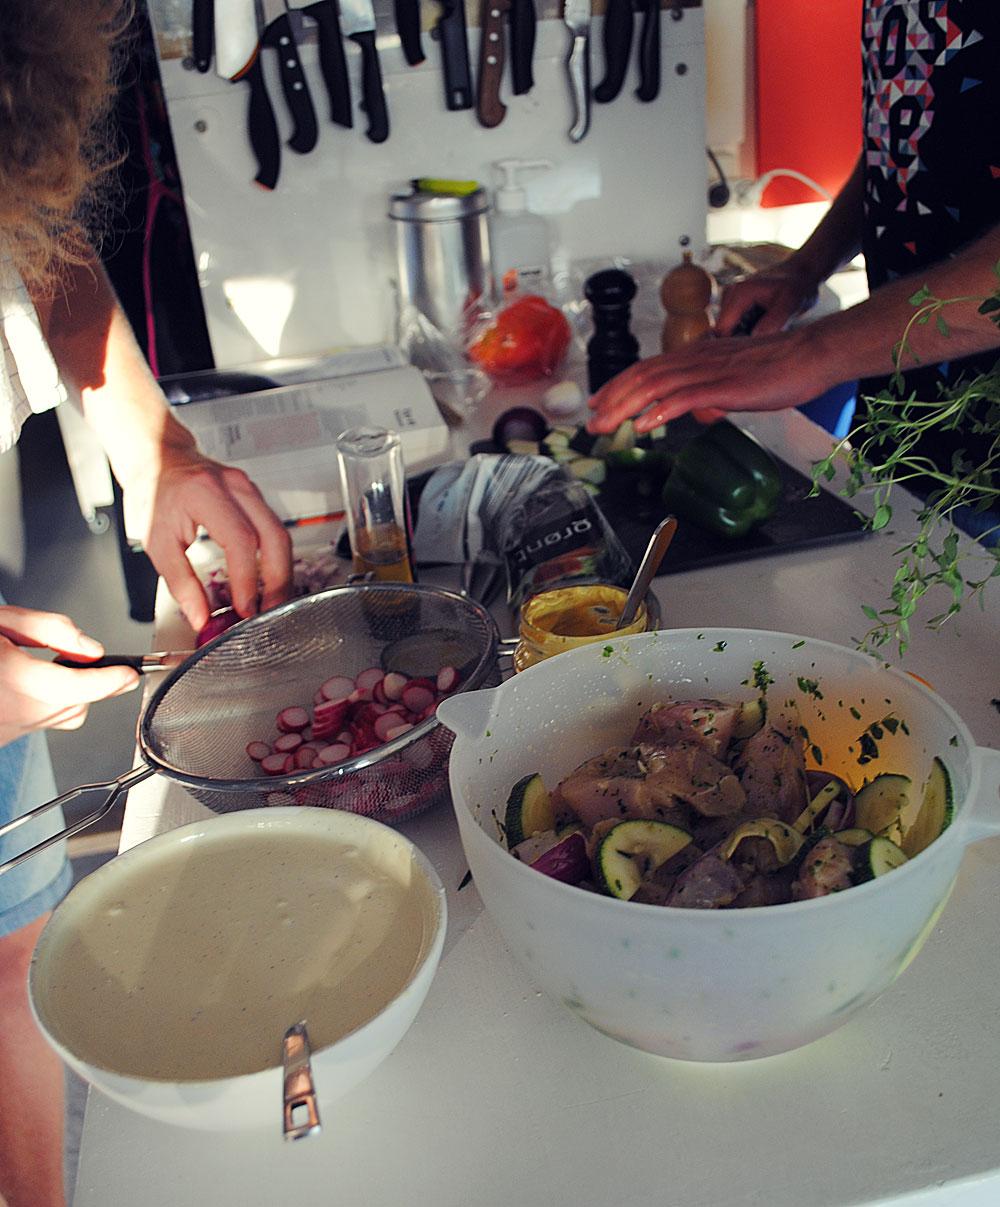 Opskrift: Grillspyd og kartoffelsalat | Frk. Kræsen